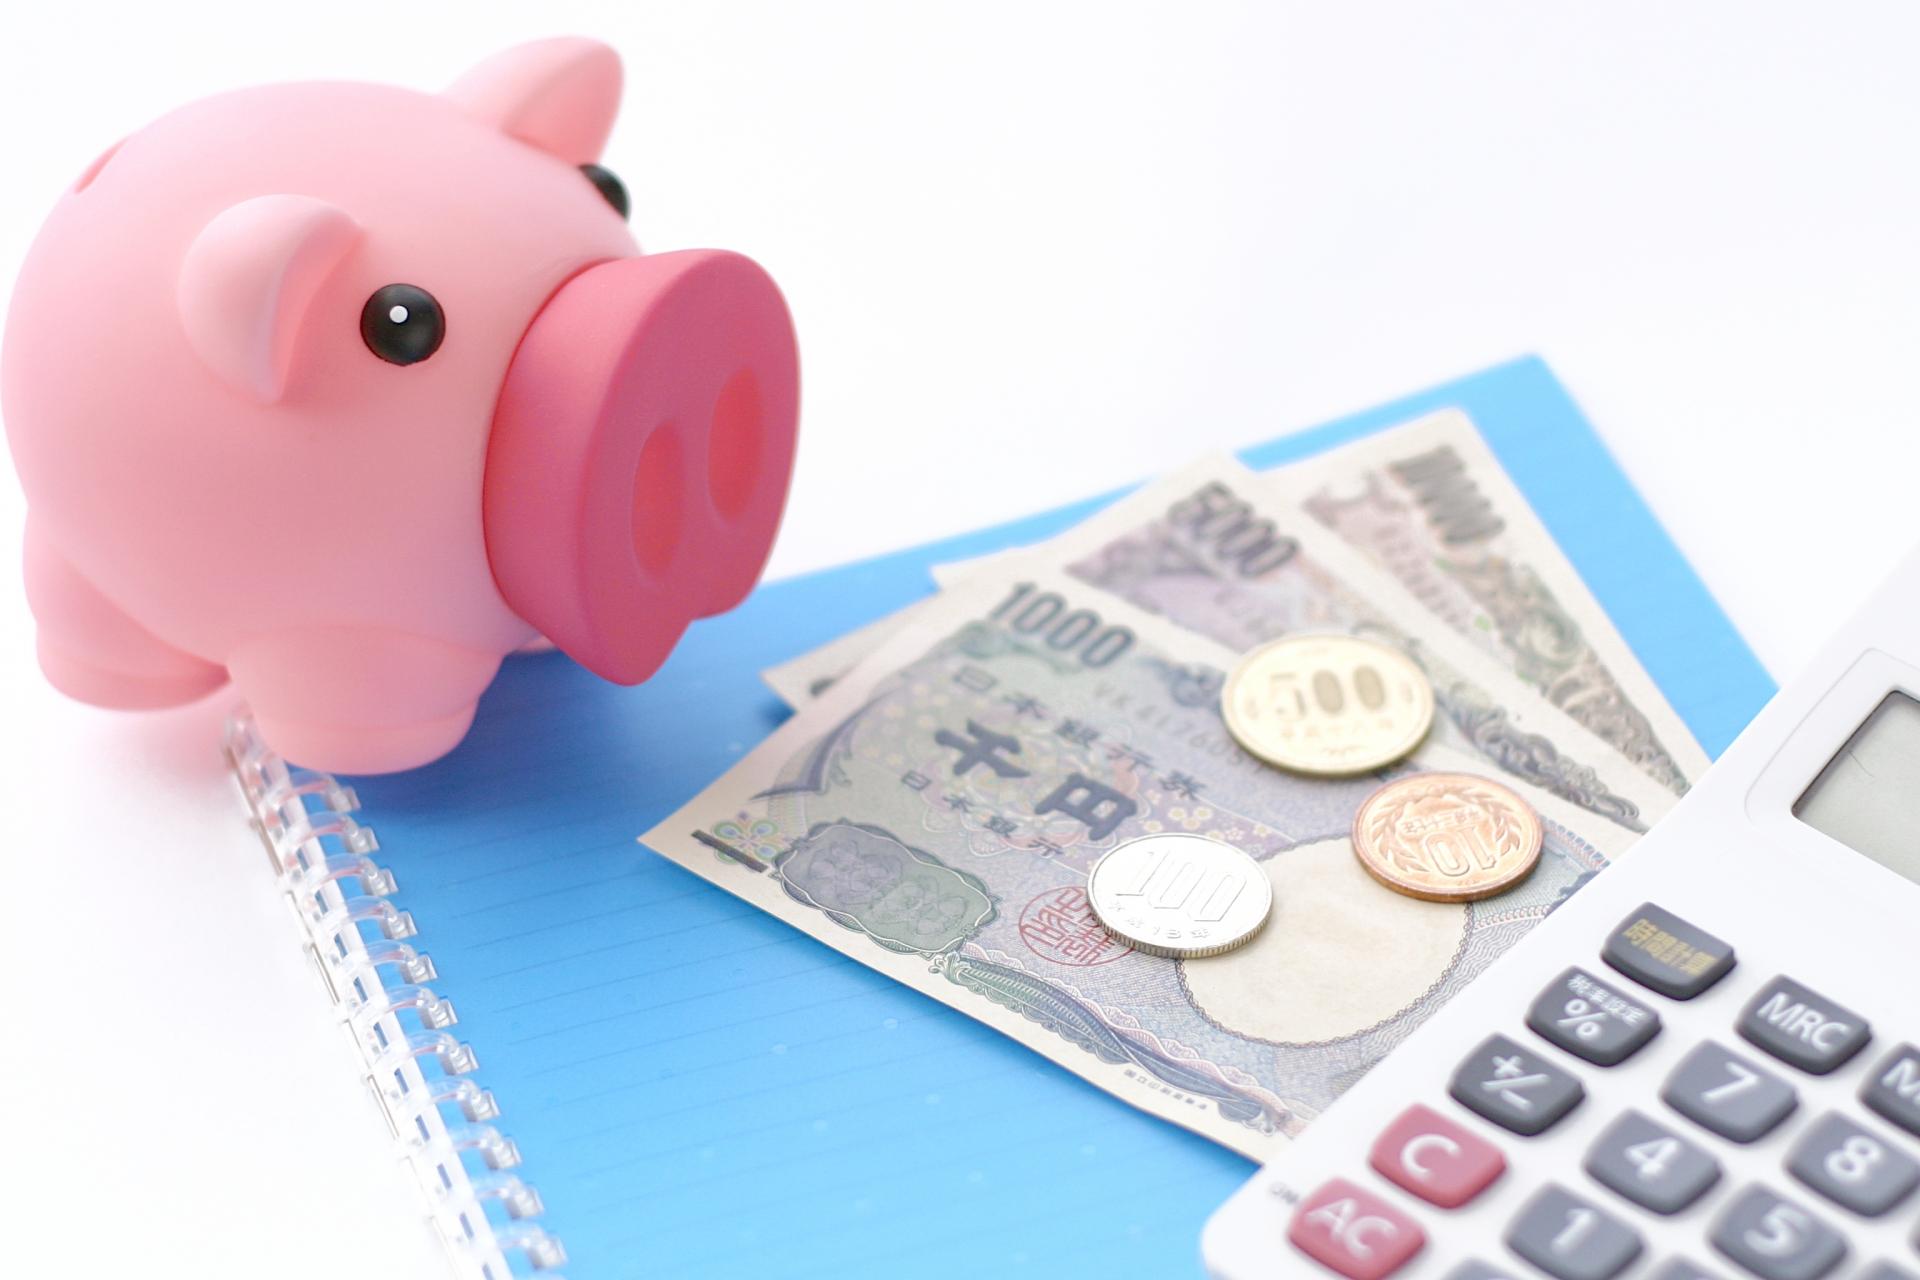 お金をコントロールして、人生を楽しくデザインする方法